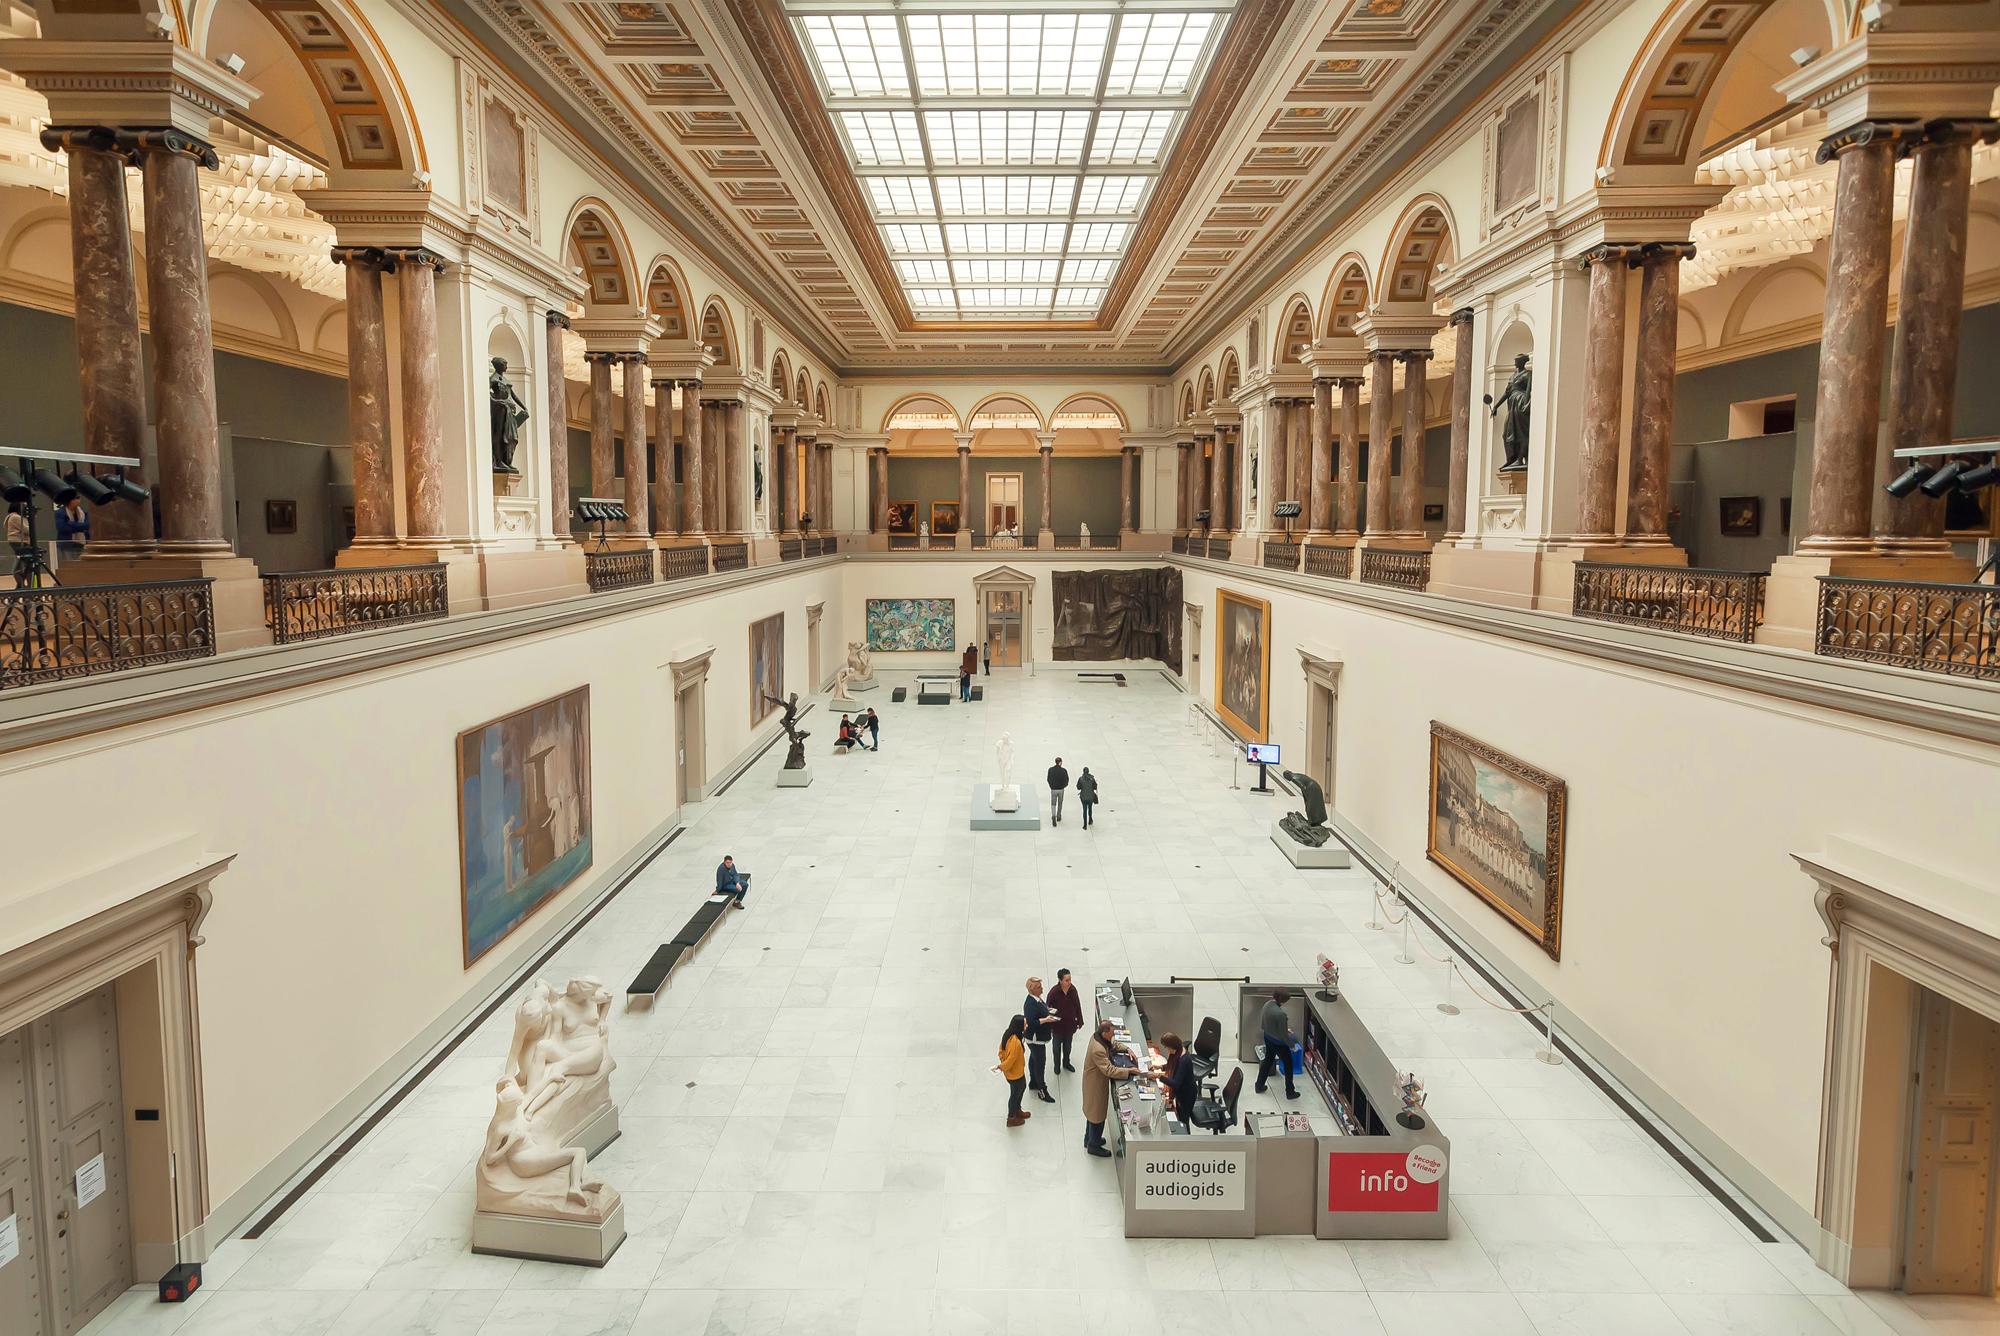 Belgique : Les musées de Bruxelles rouvrent leurs portes à partir du 18 mai - Routard.com